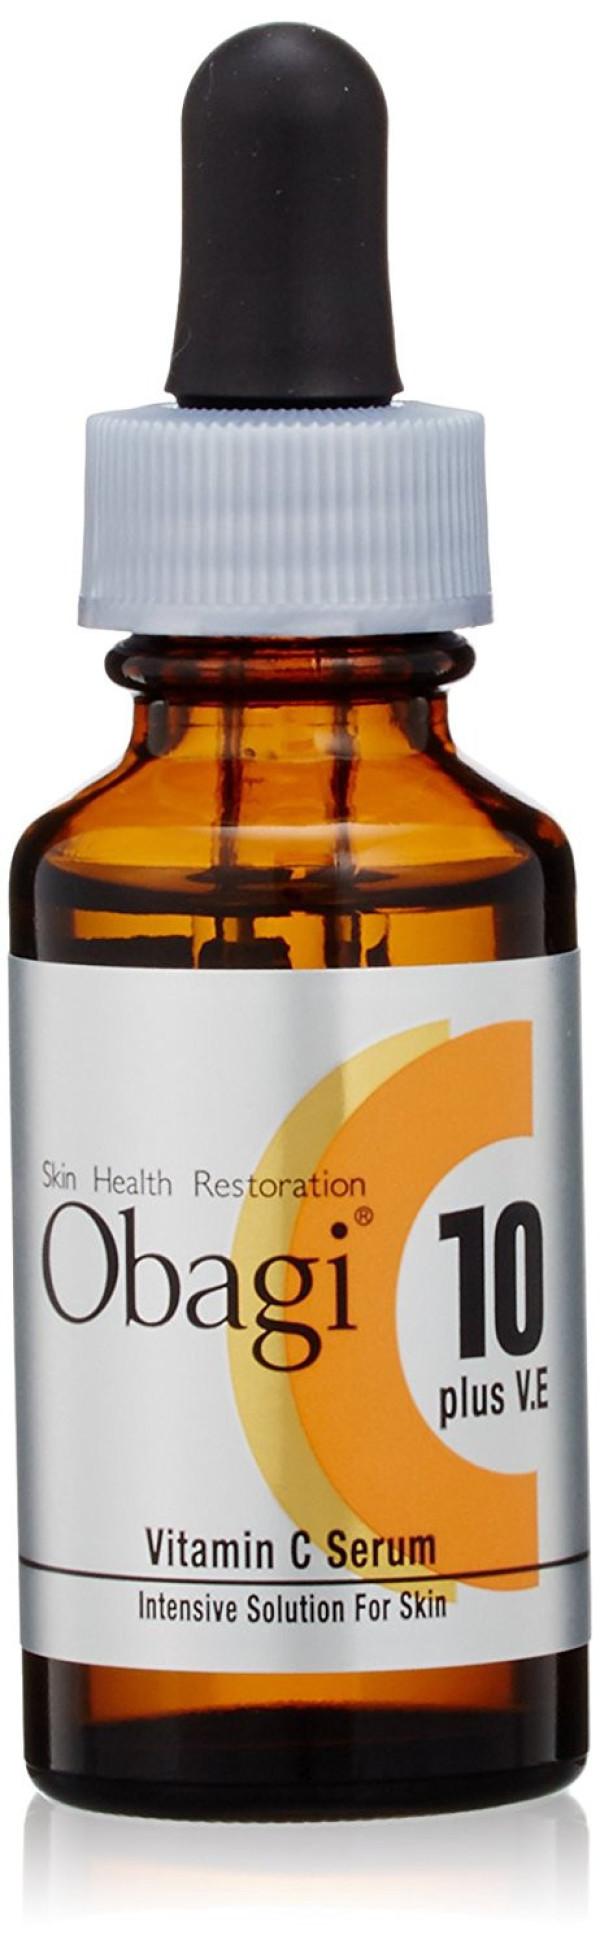 Сыворотка Obagi с витамином С 10%